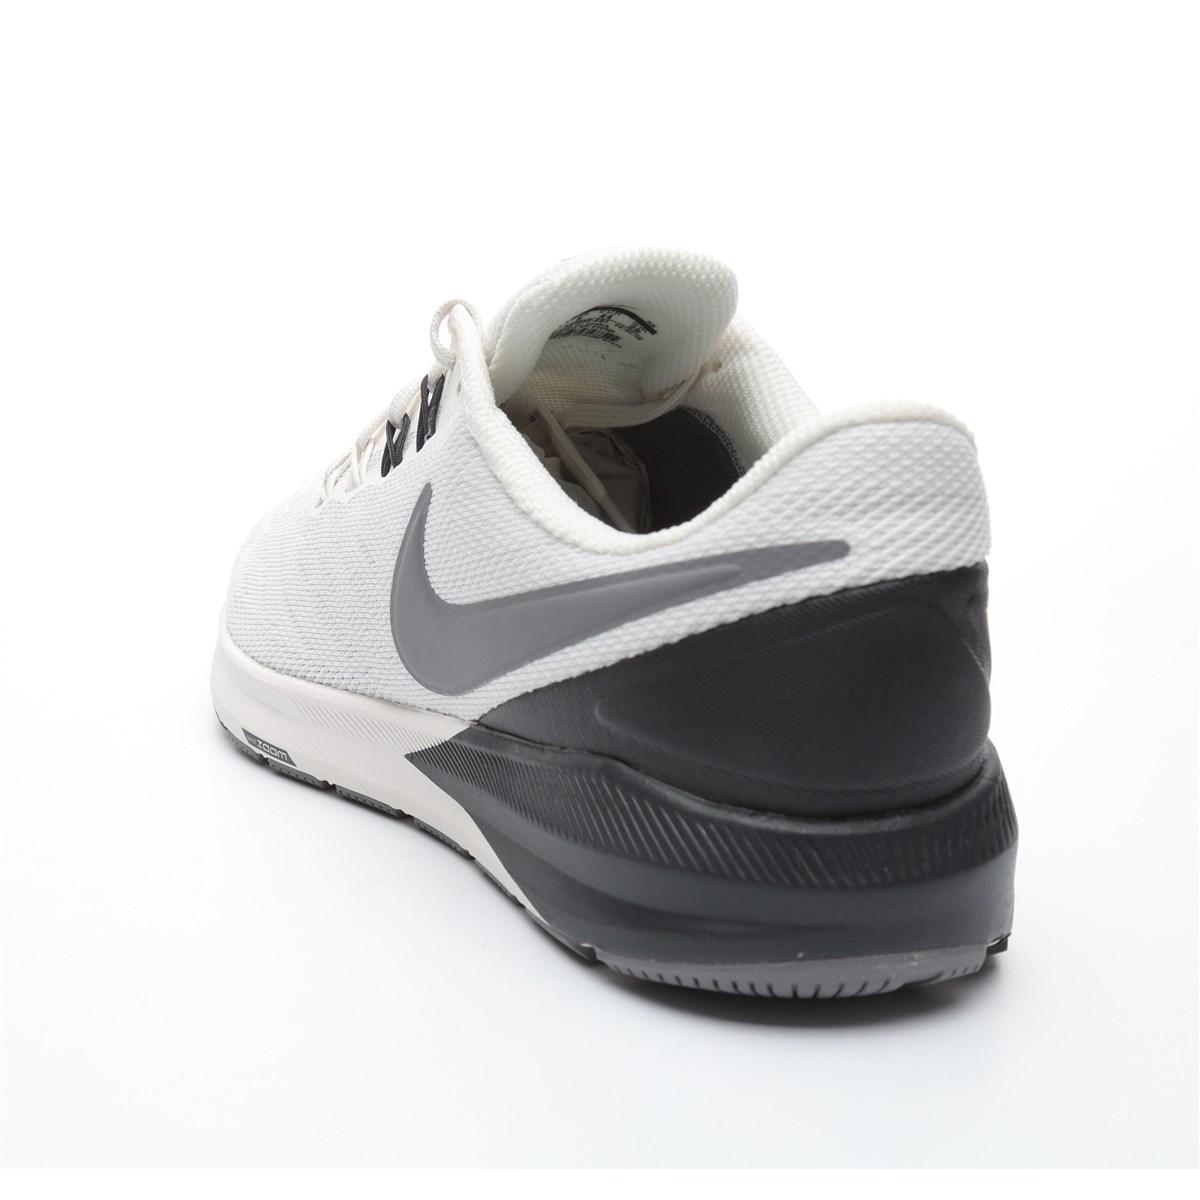 Air Zoom Structure 22 Gri Erkek Koşu Ayakkabısı